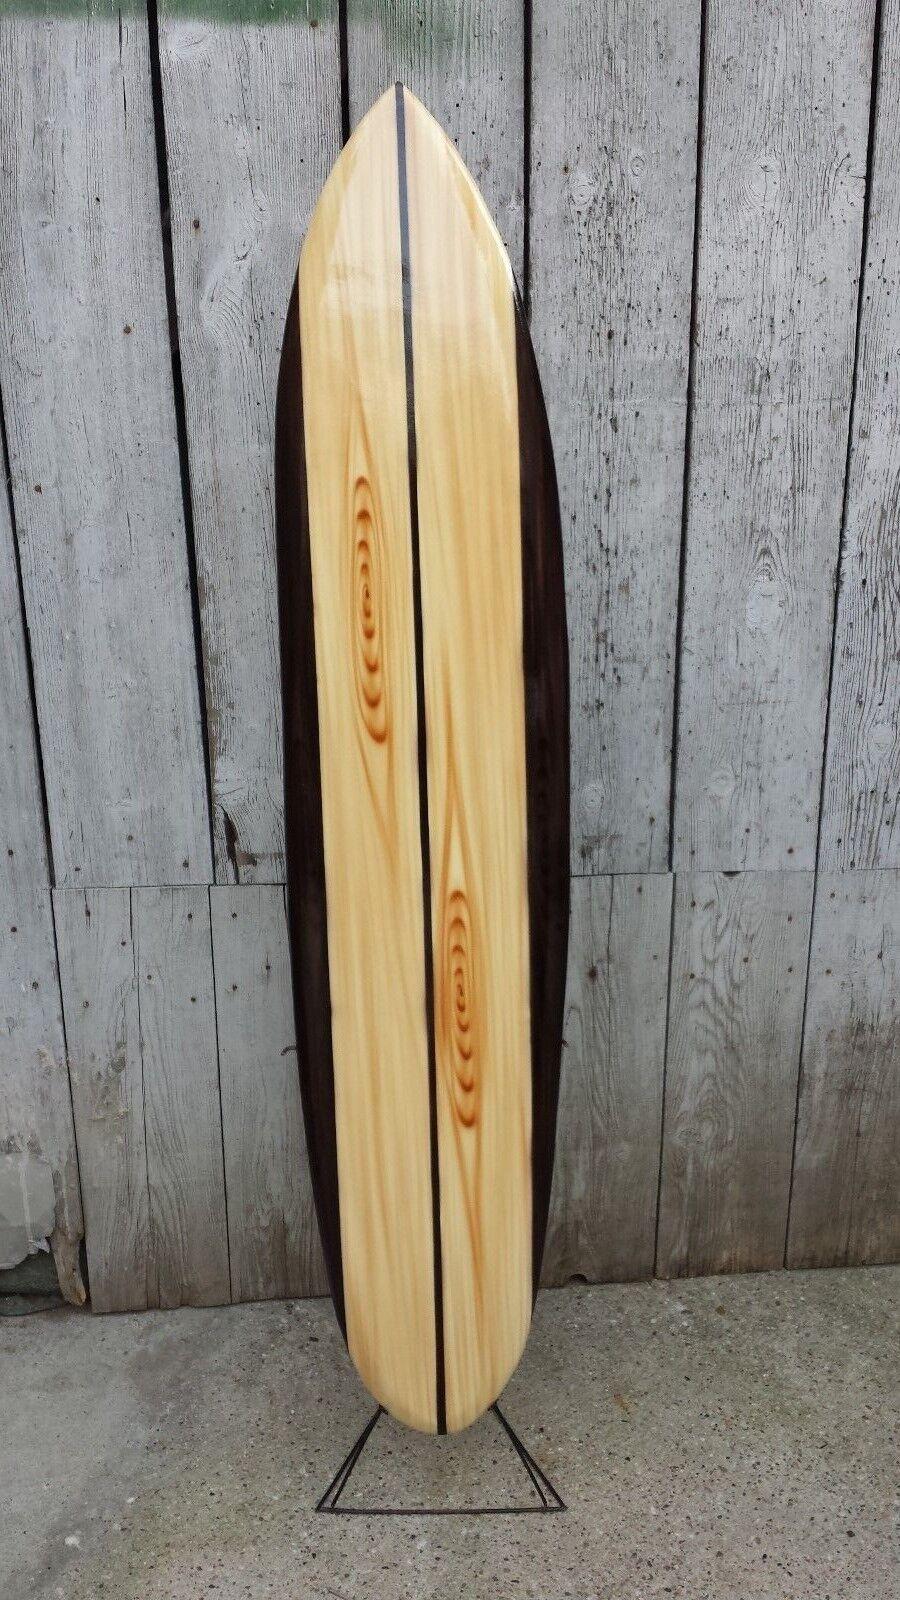 SU130 N15   Deko Surfboard 130 cm aus Holz Retro Surfbrett Board surfen vintage